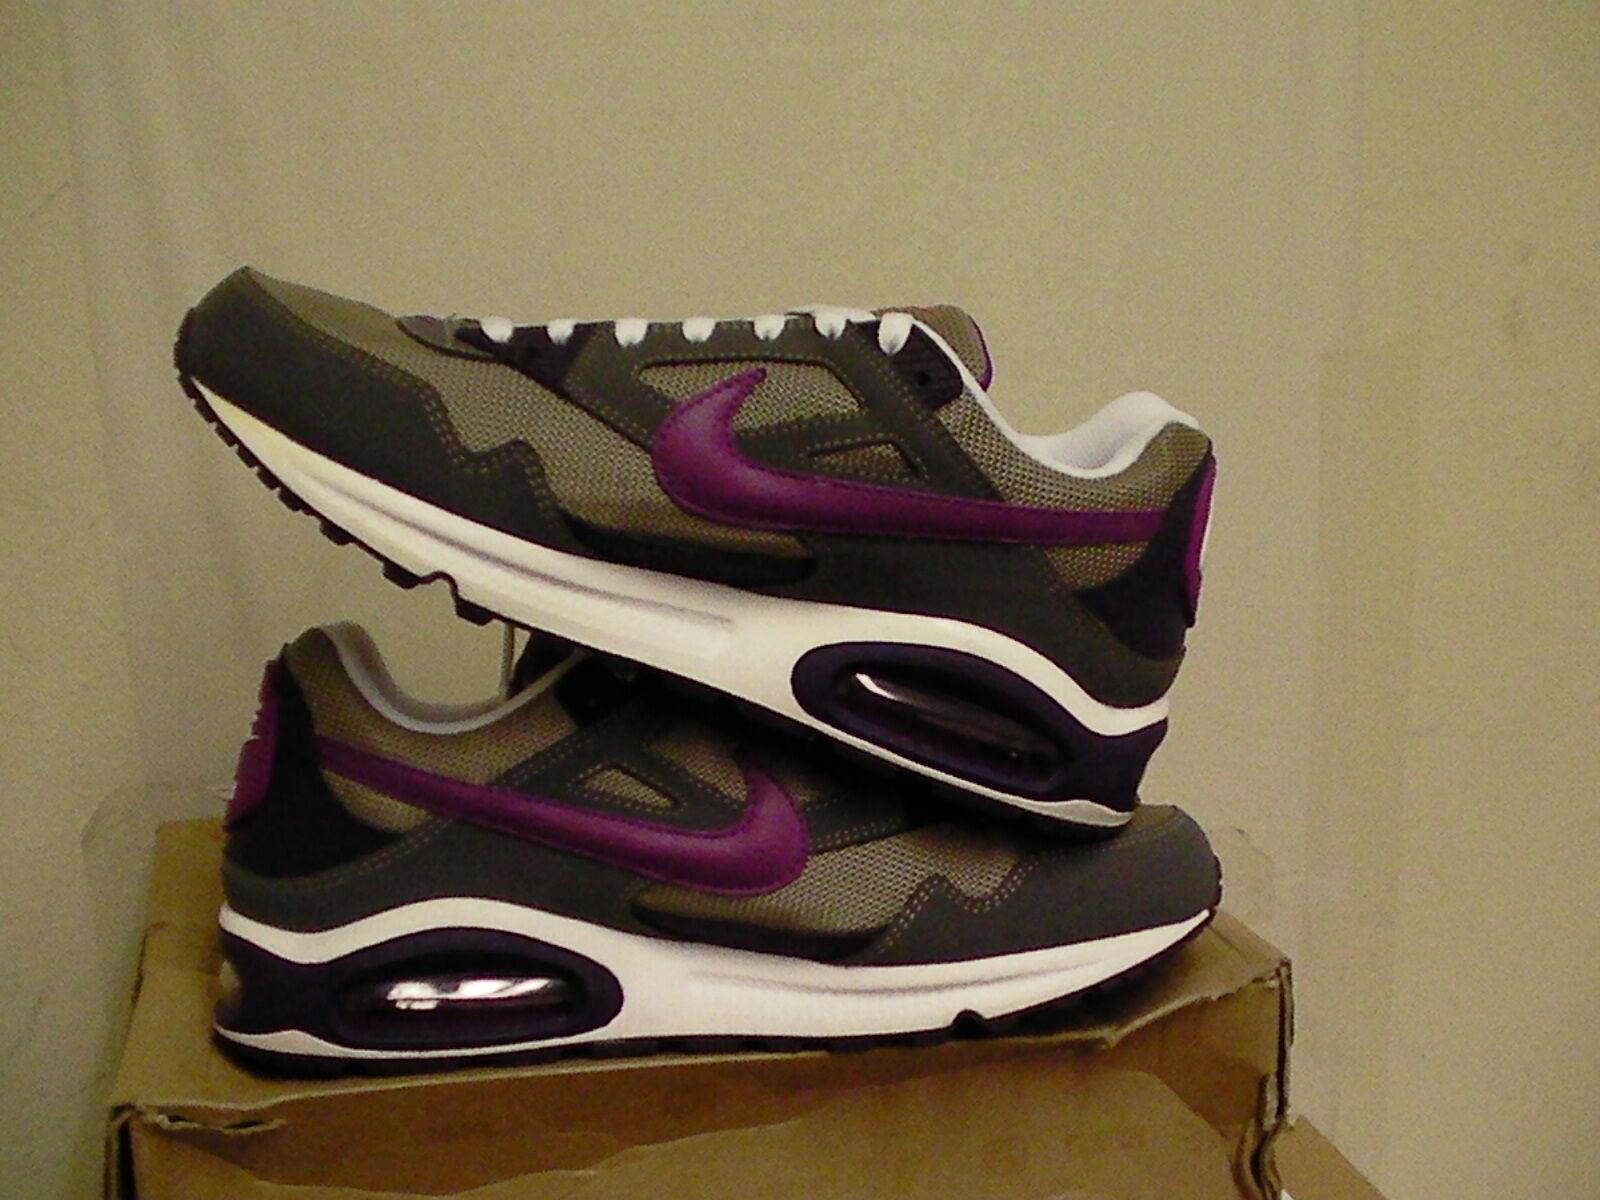 Canguros 181190003009 botas de MICA marrón botas 181190003009 79195f